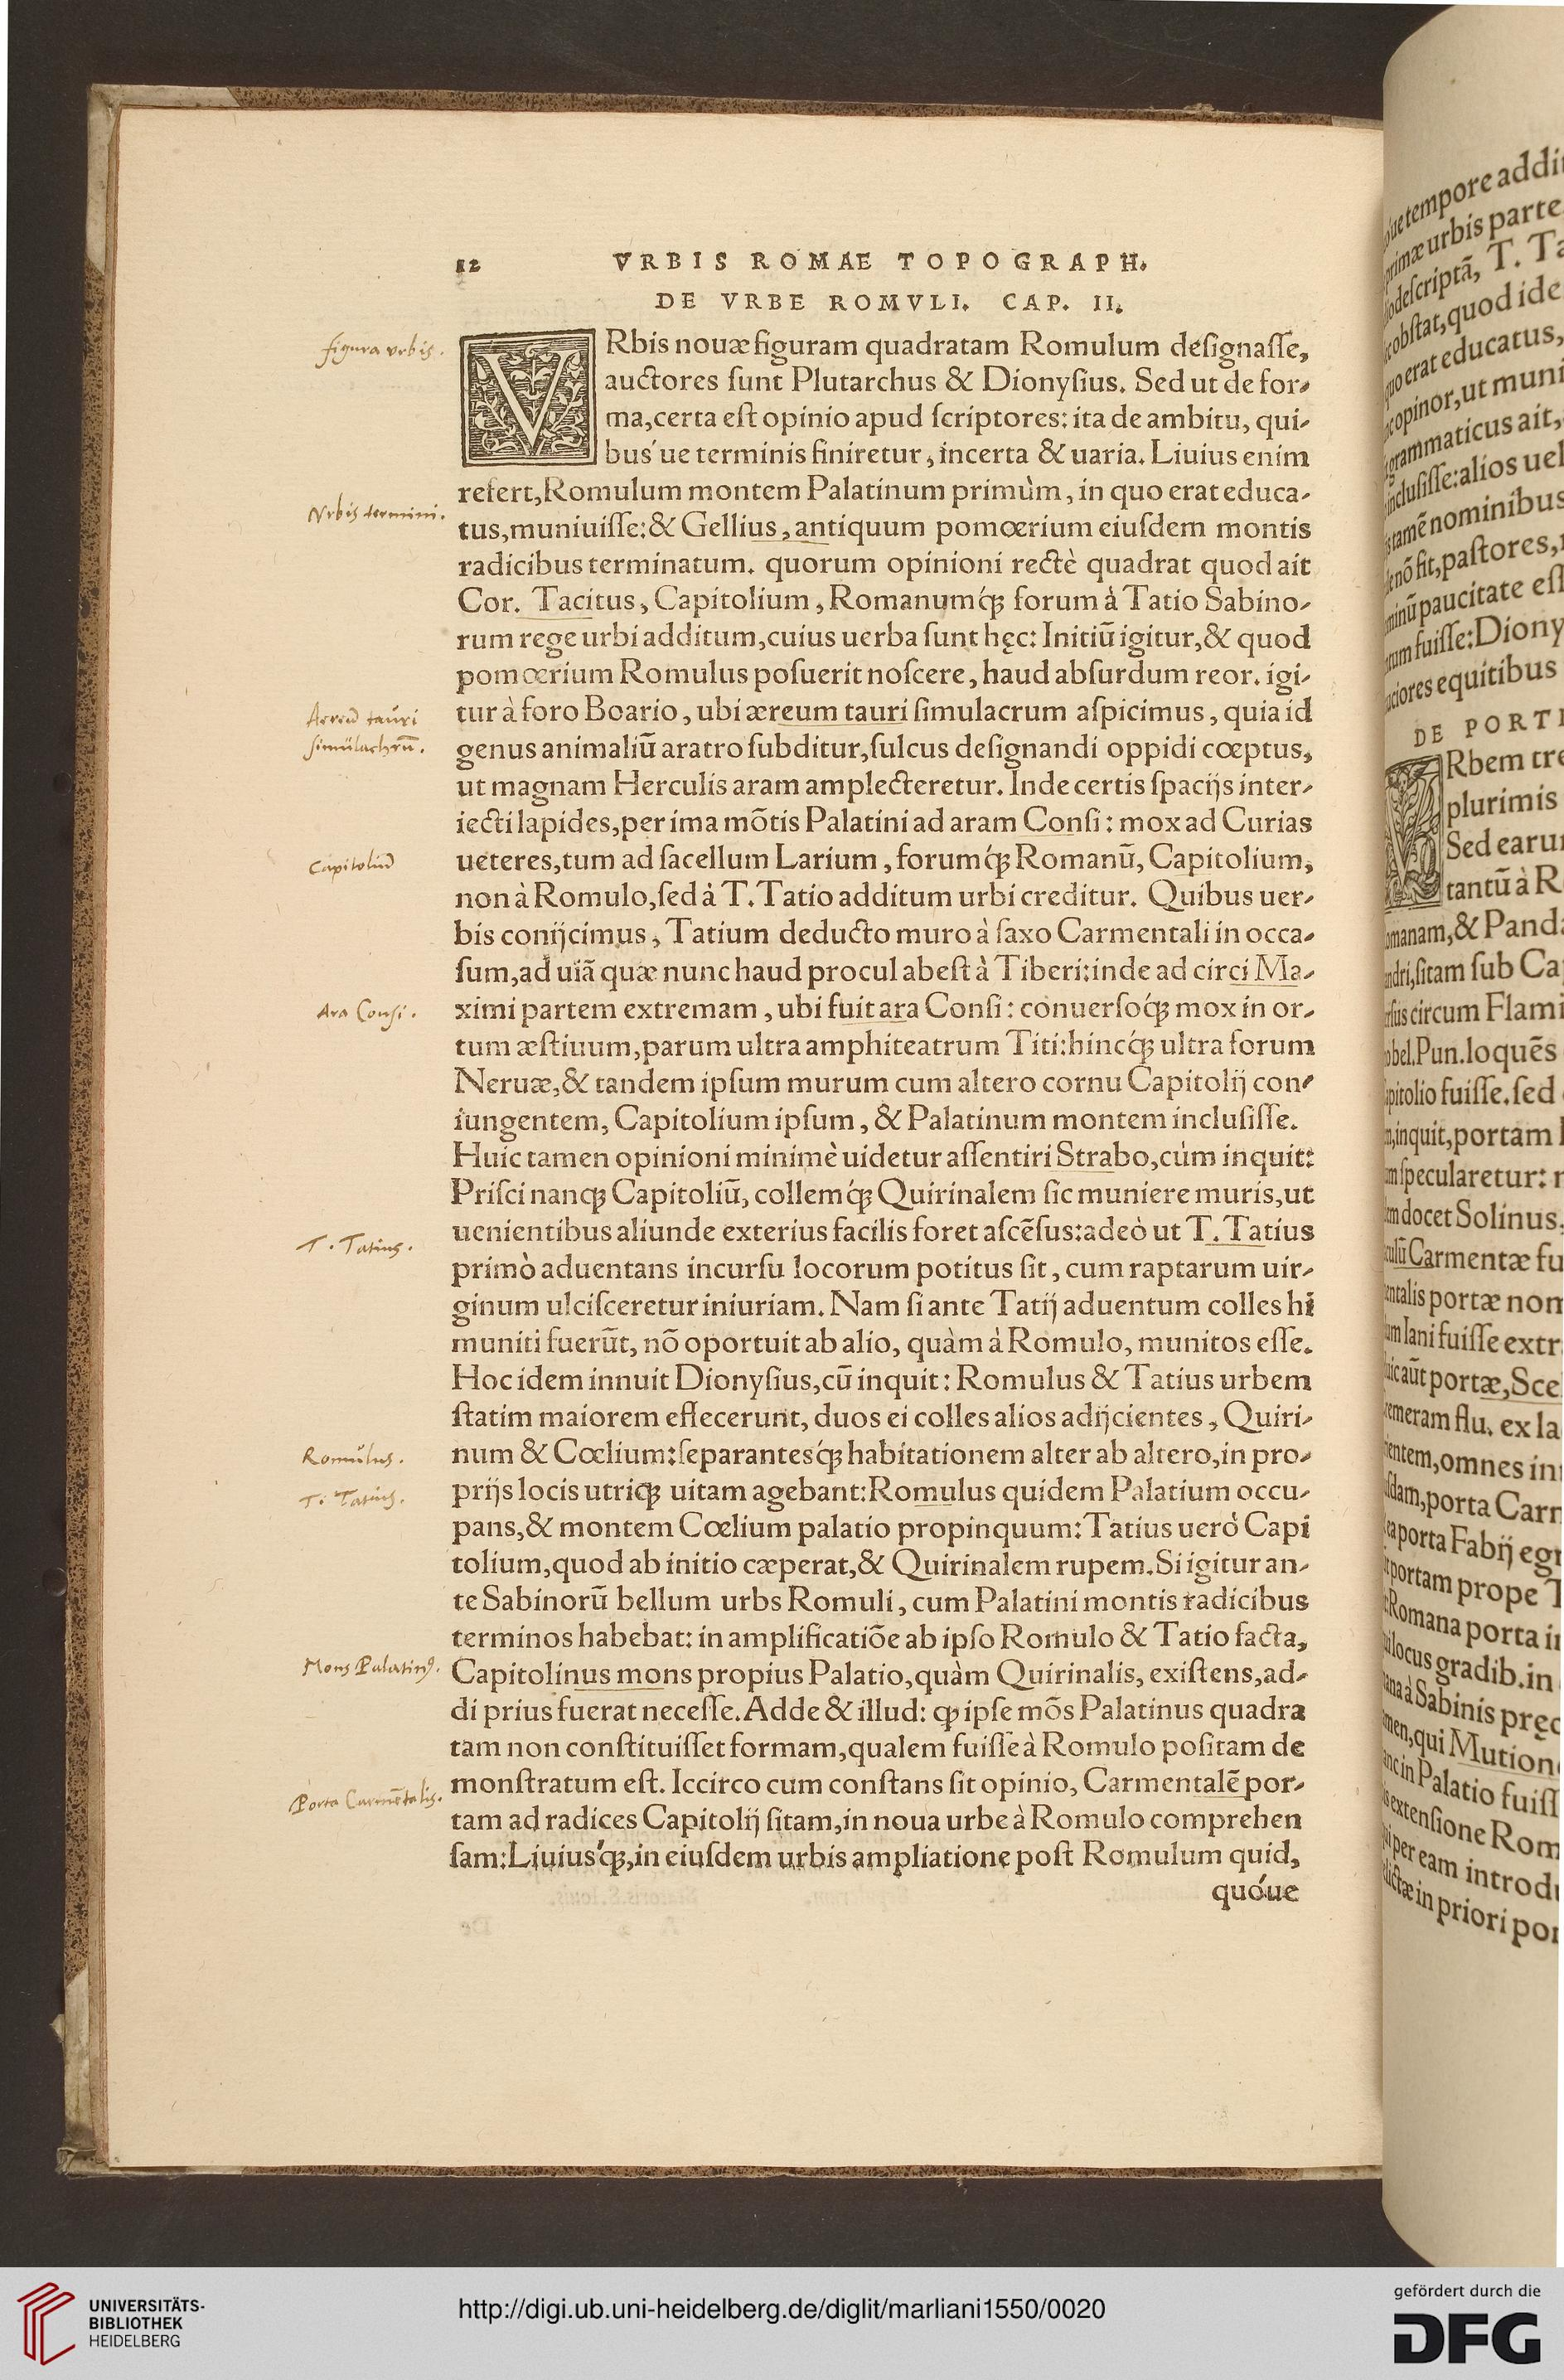 marliani bartolomeo vrbis romae topographia ad franciscum gallorum regem eiusdem urbis. Black Bedroom Furniture Sets. Home Design Ideas